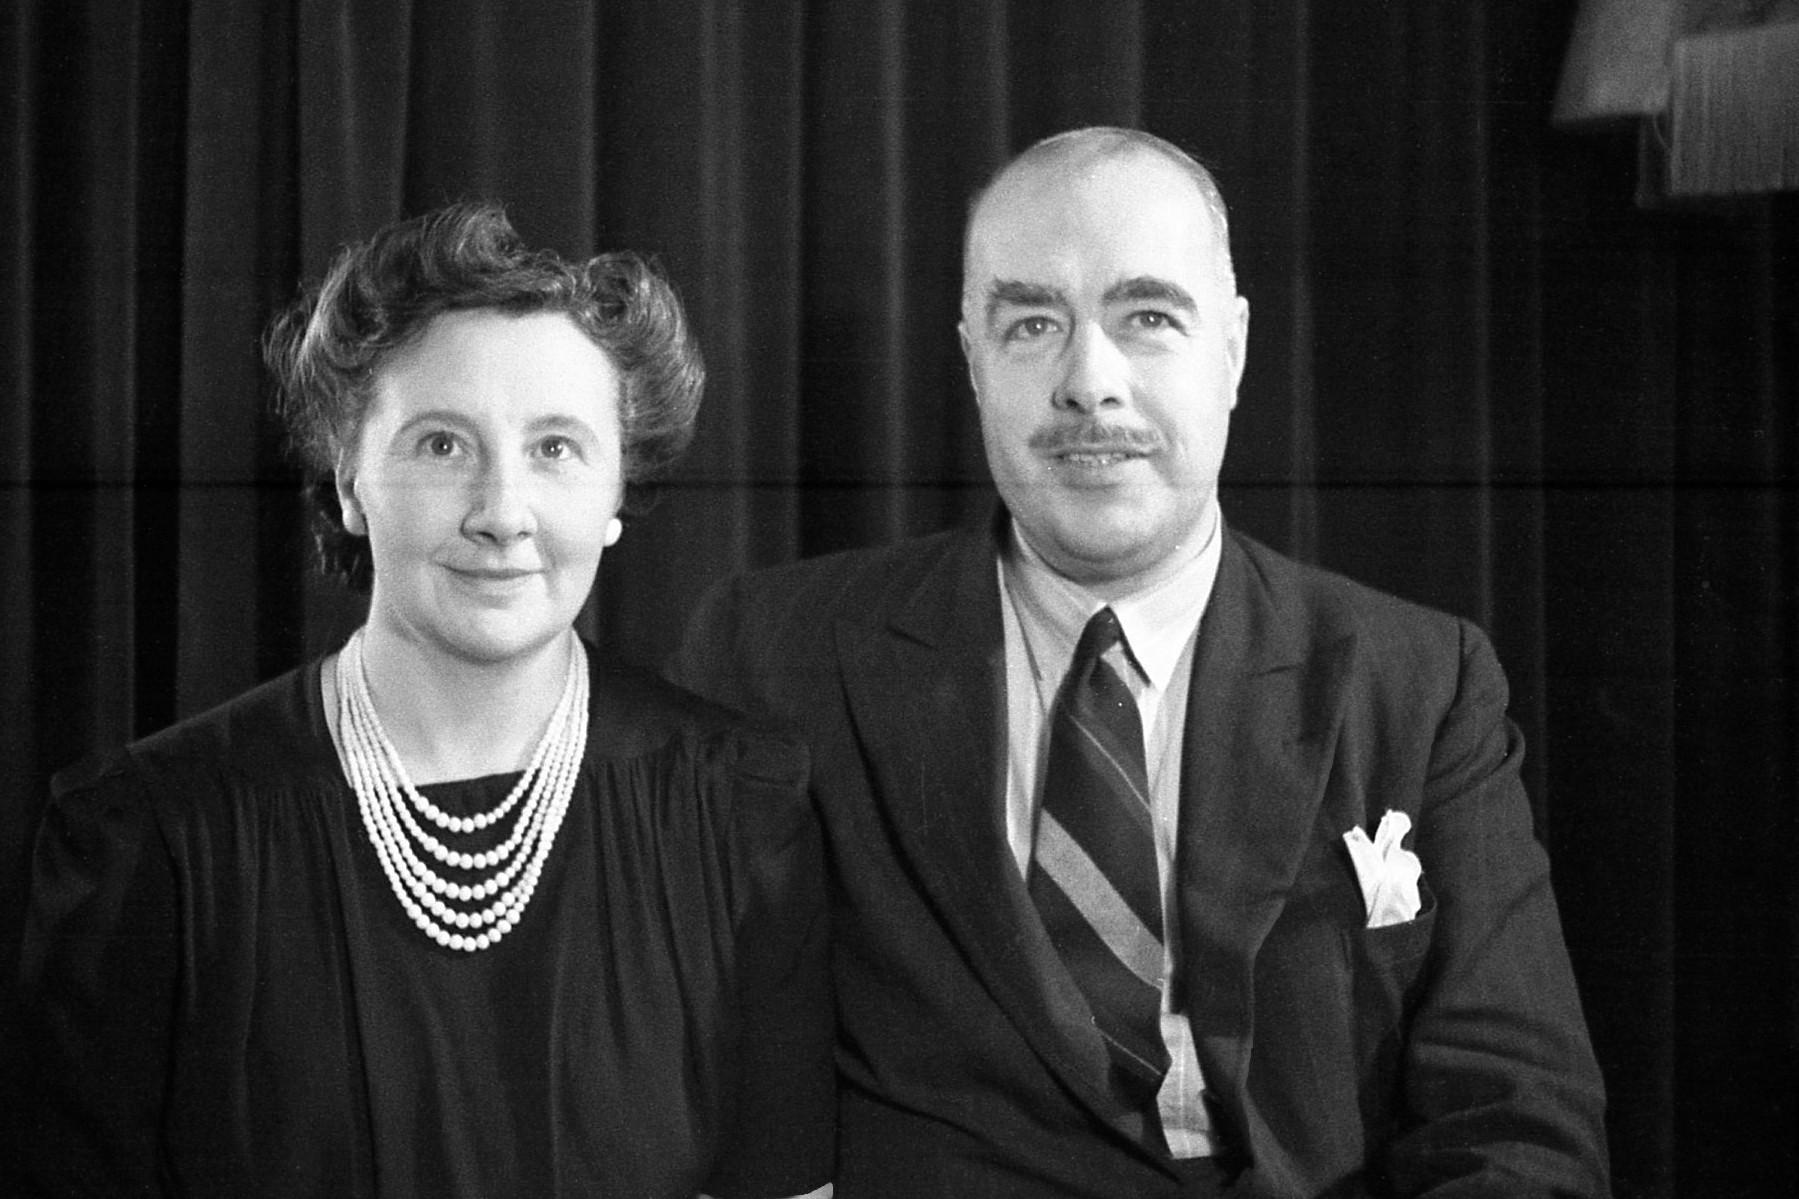 1940s - 1950s